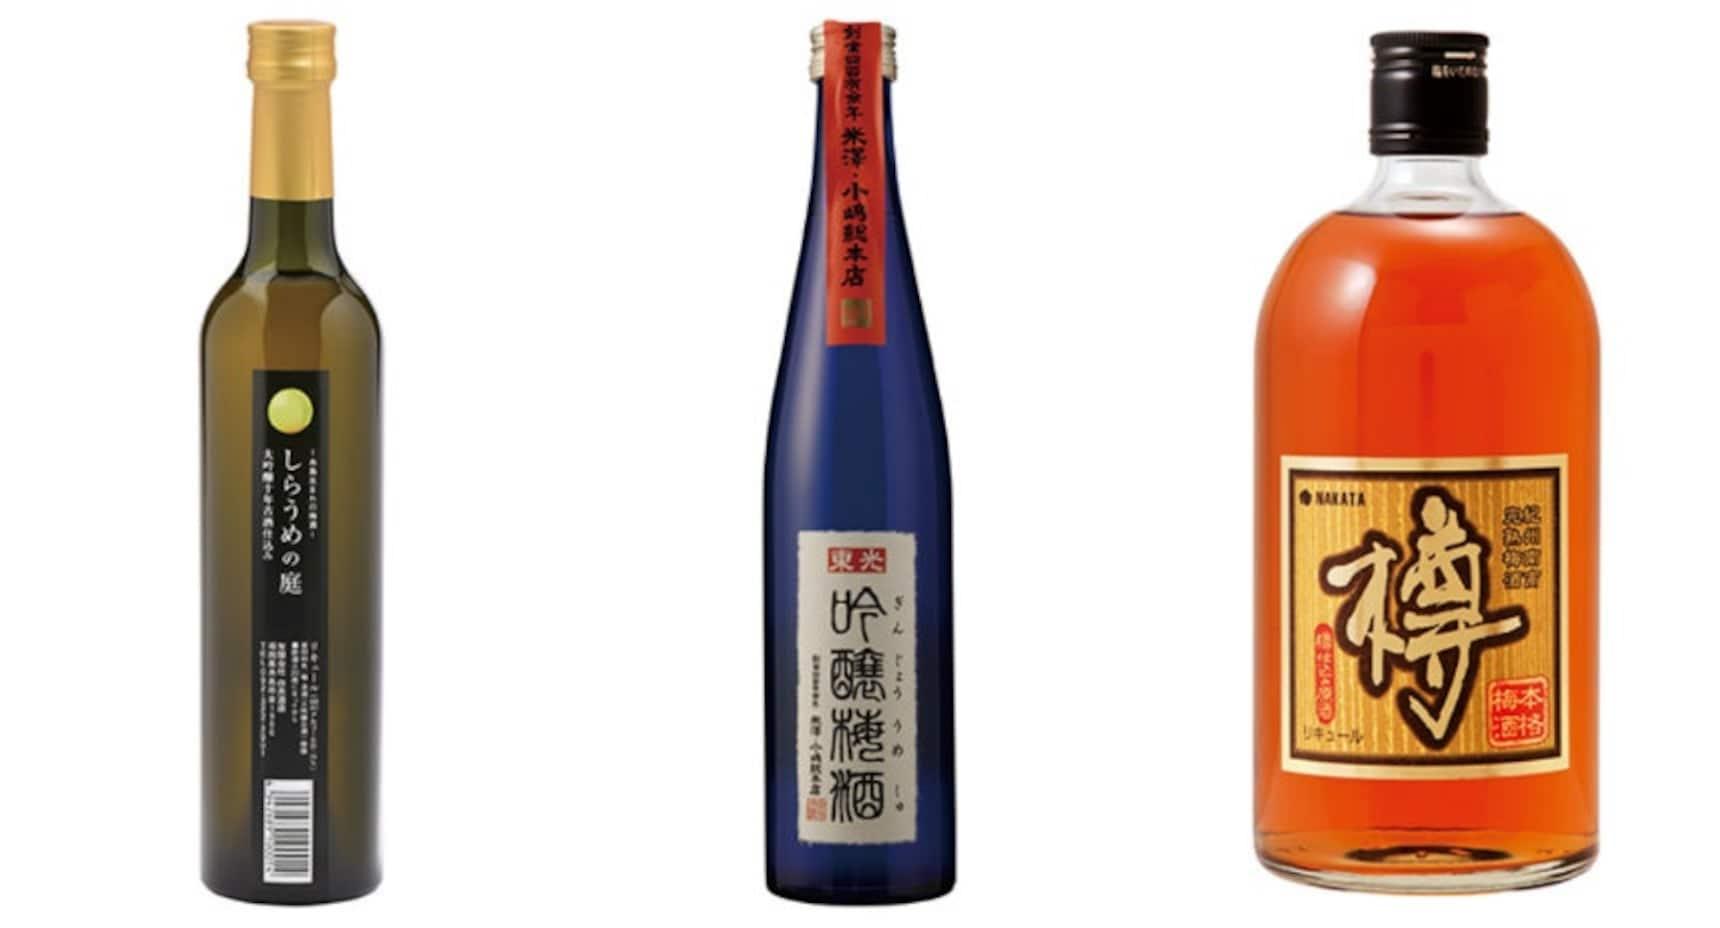 3 Top-Notch Plum Wines